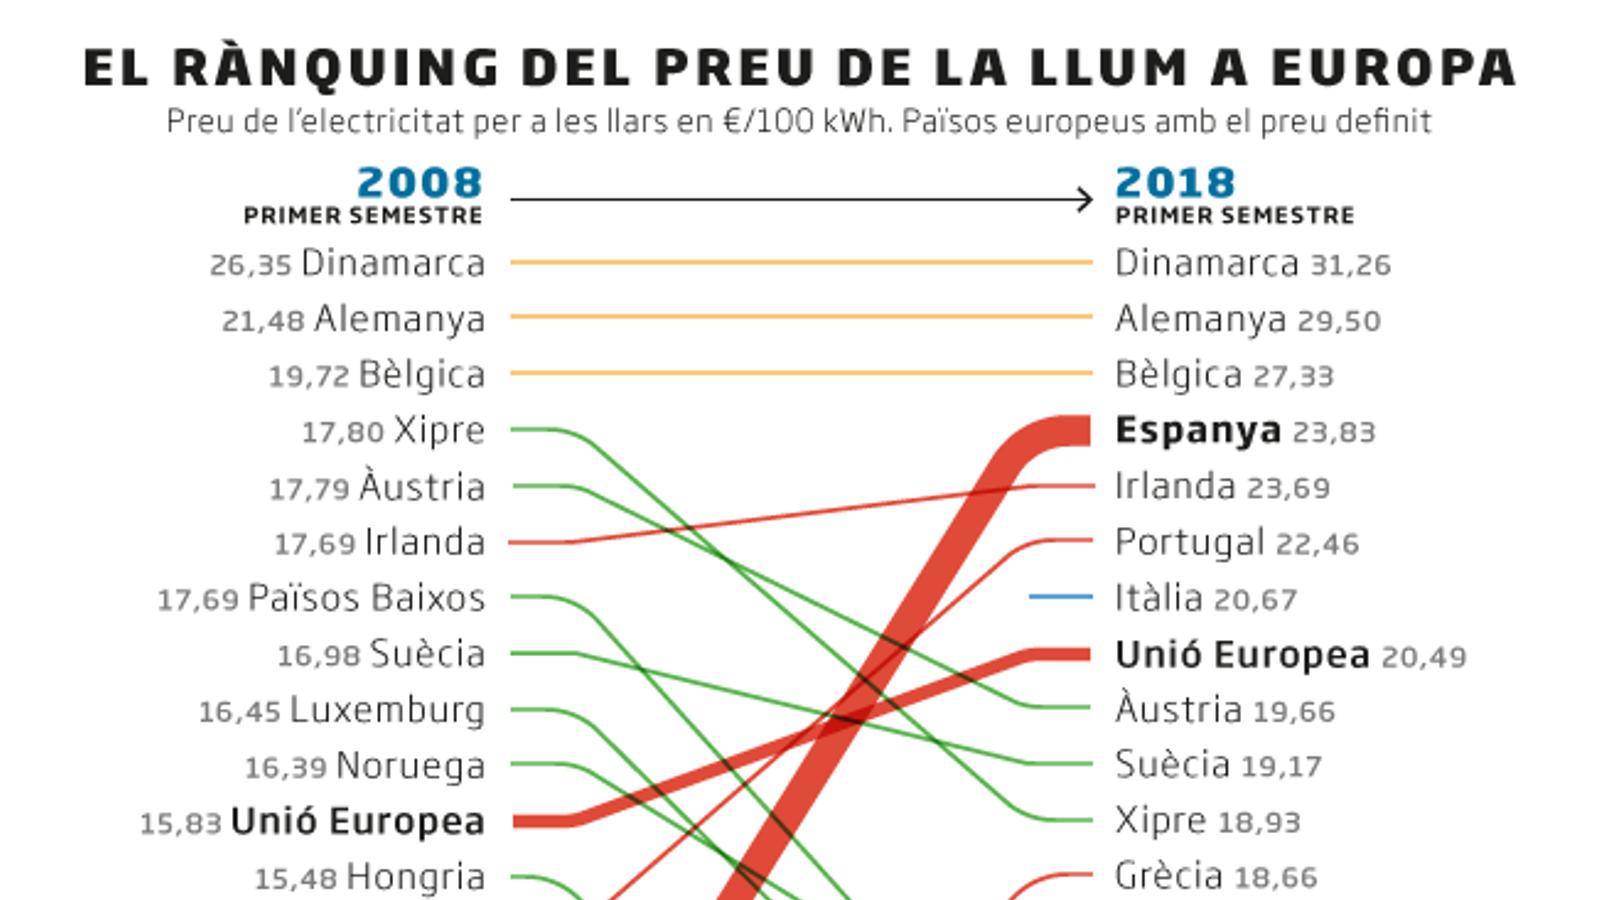 El preu de la llum situa Espanya com el quart país més car d'Europa